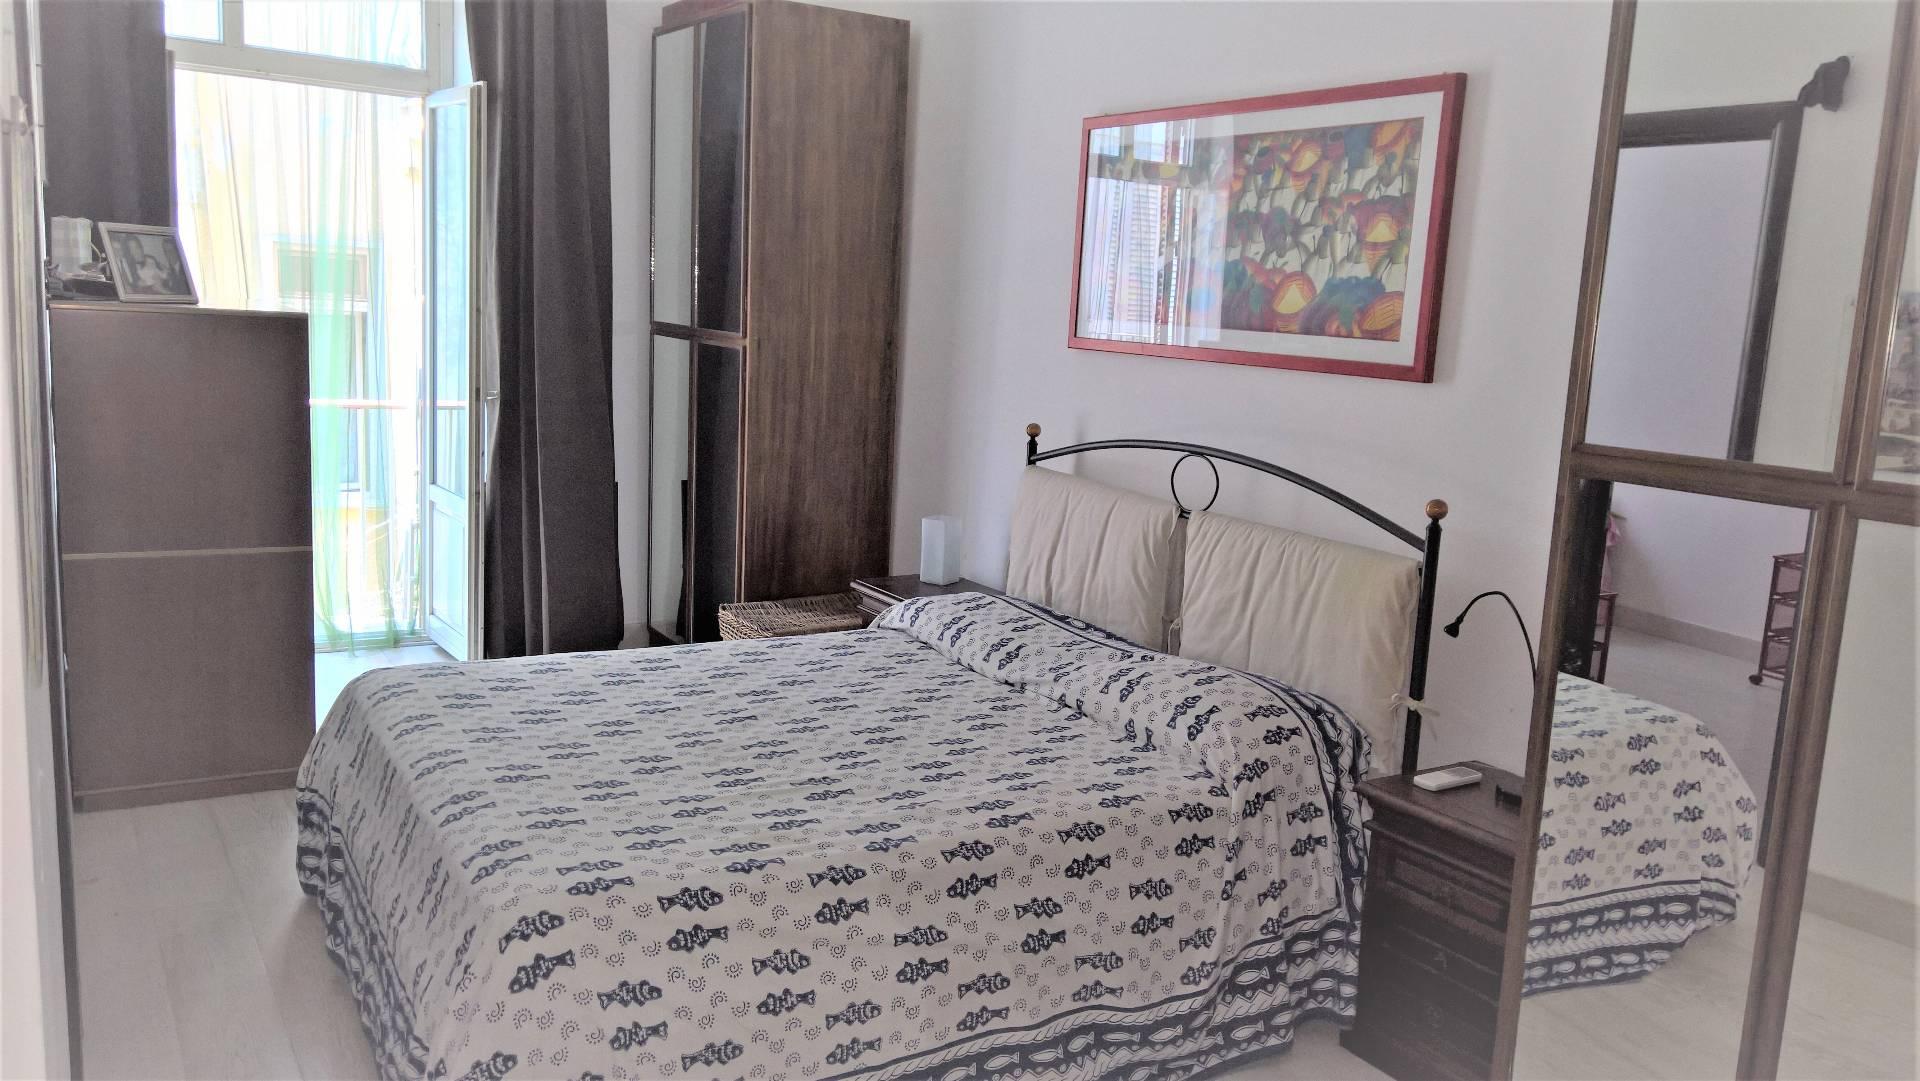 Appartamento in vendita a Gaeta, 4 locali, zona Località: Lungomarecaboto, prezzo € 200.000 | CambioCasa.it